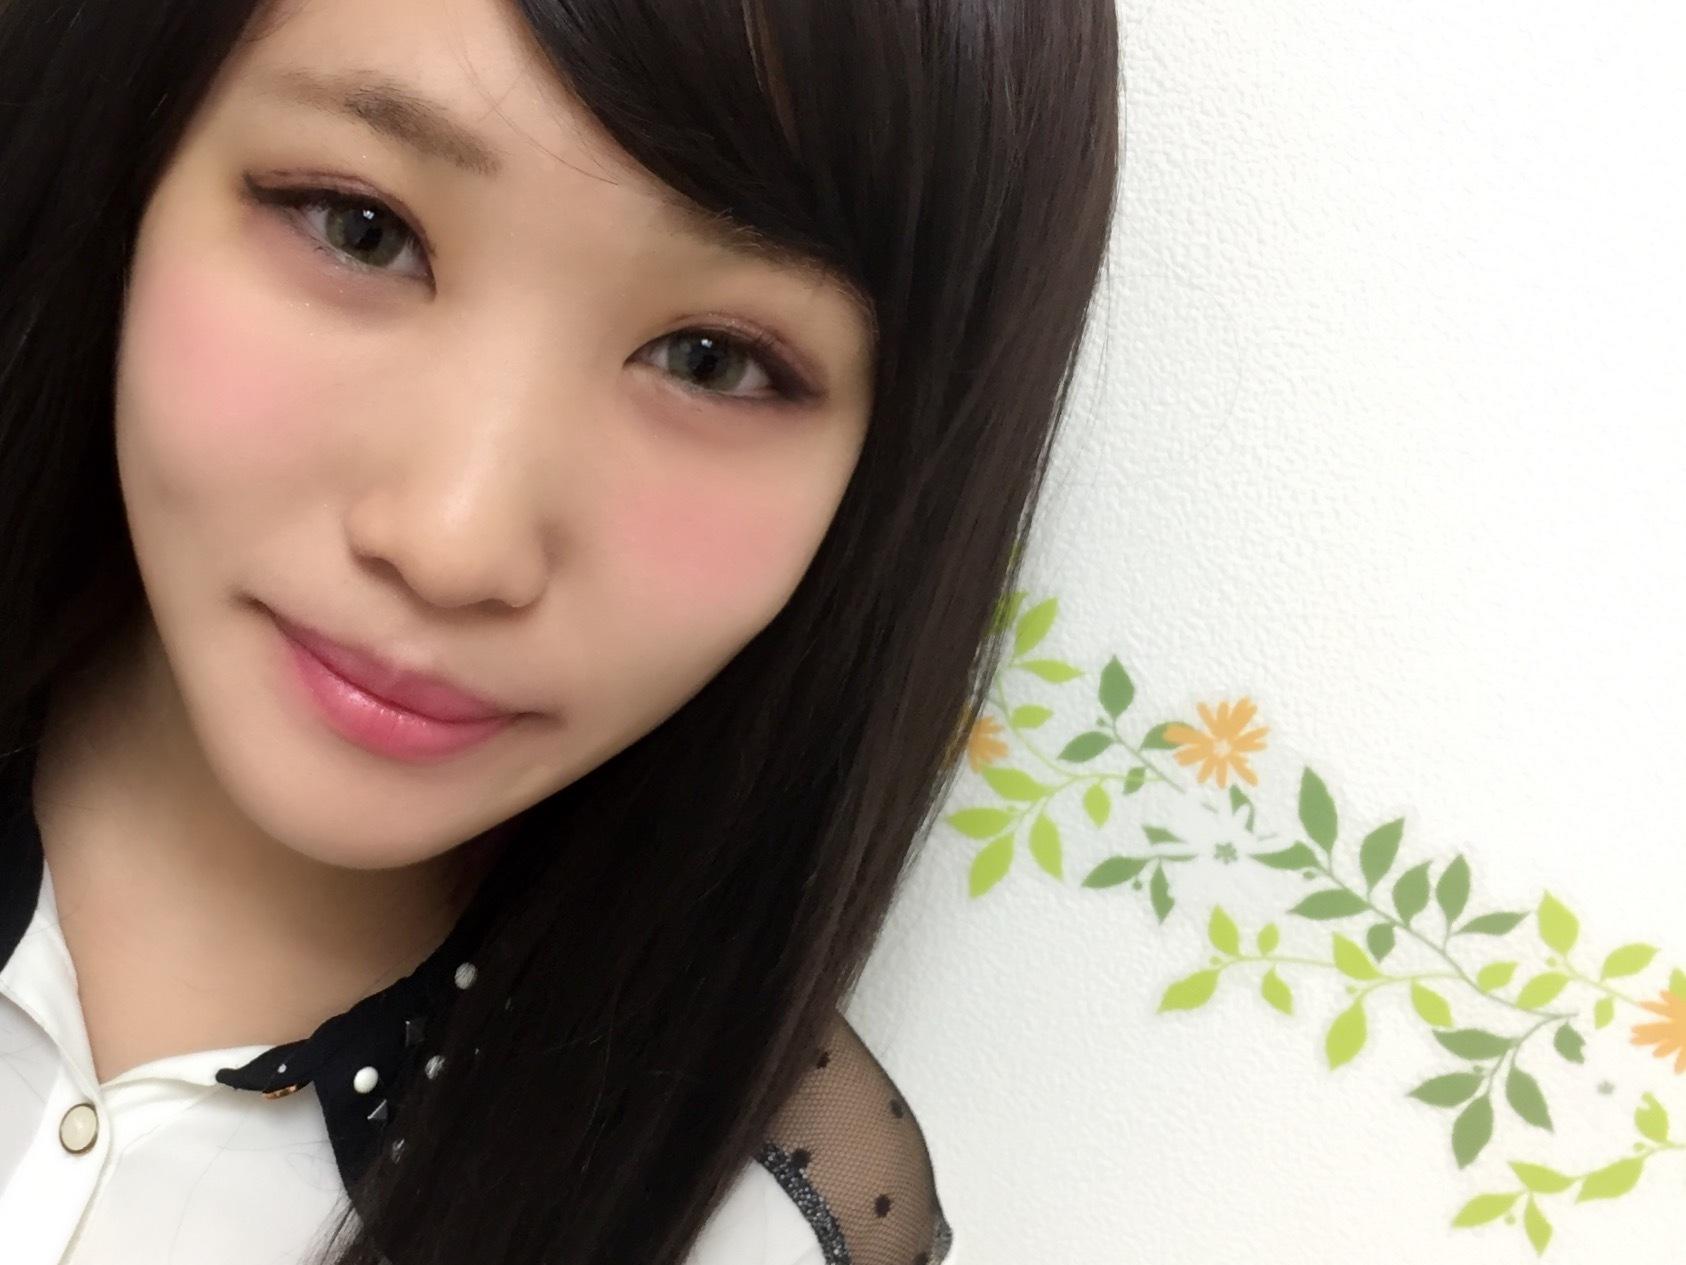 ASAMIpp - Japanese webcam girl